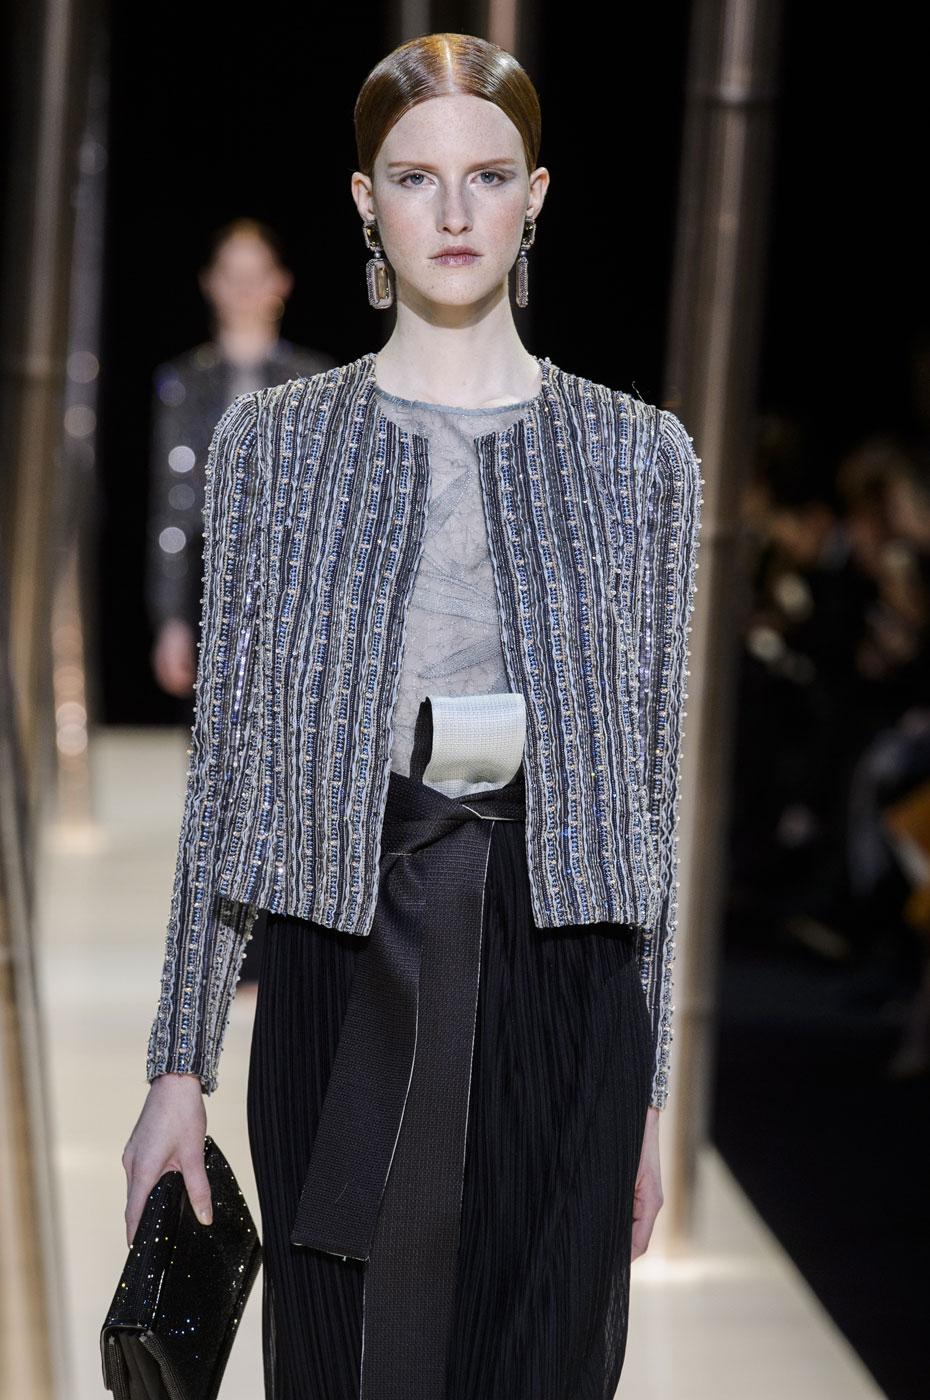 Giorgio-armani-Prive-fashion-runway-show-haute-couture-paris-spring-2015-the-impression-074